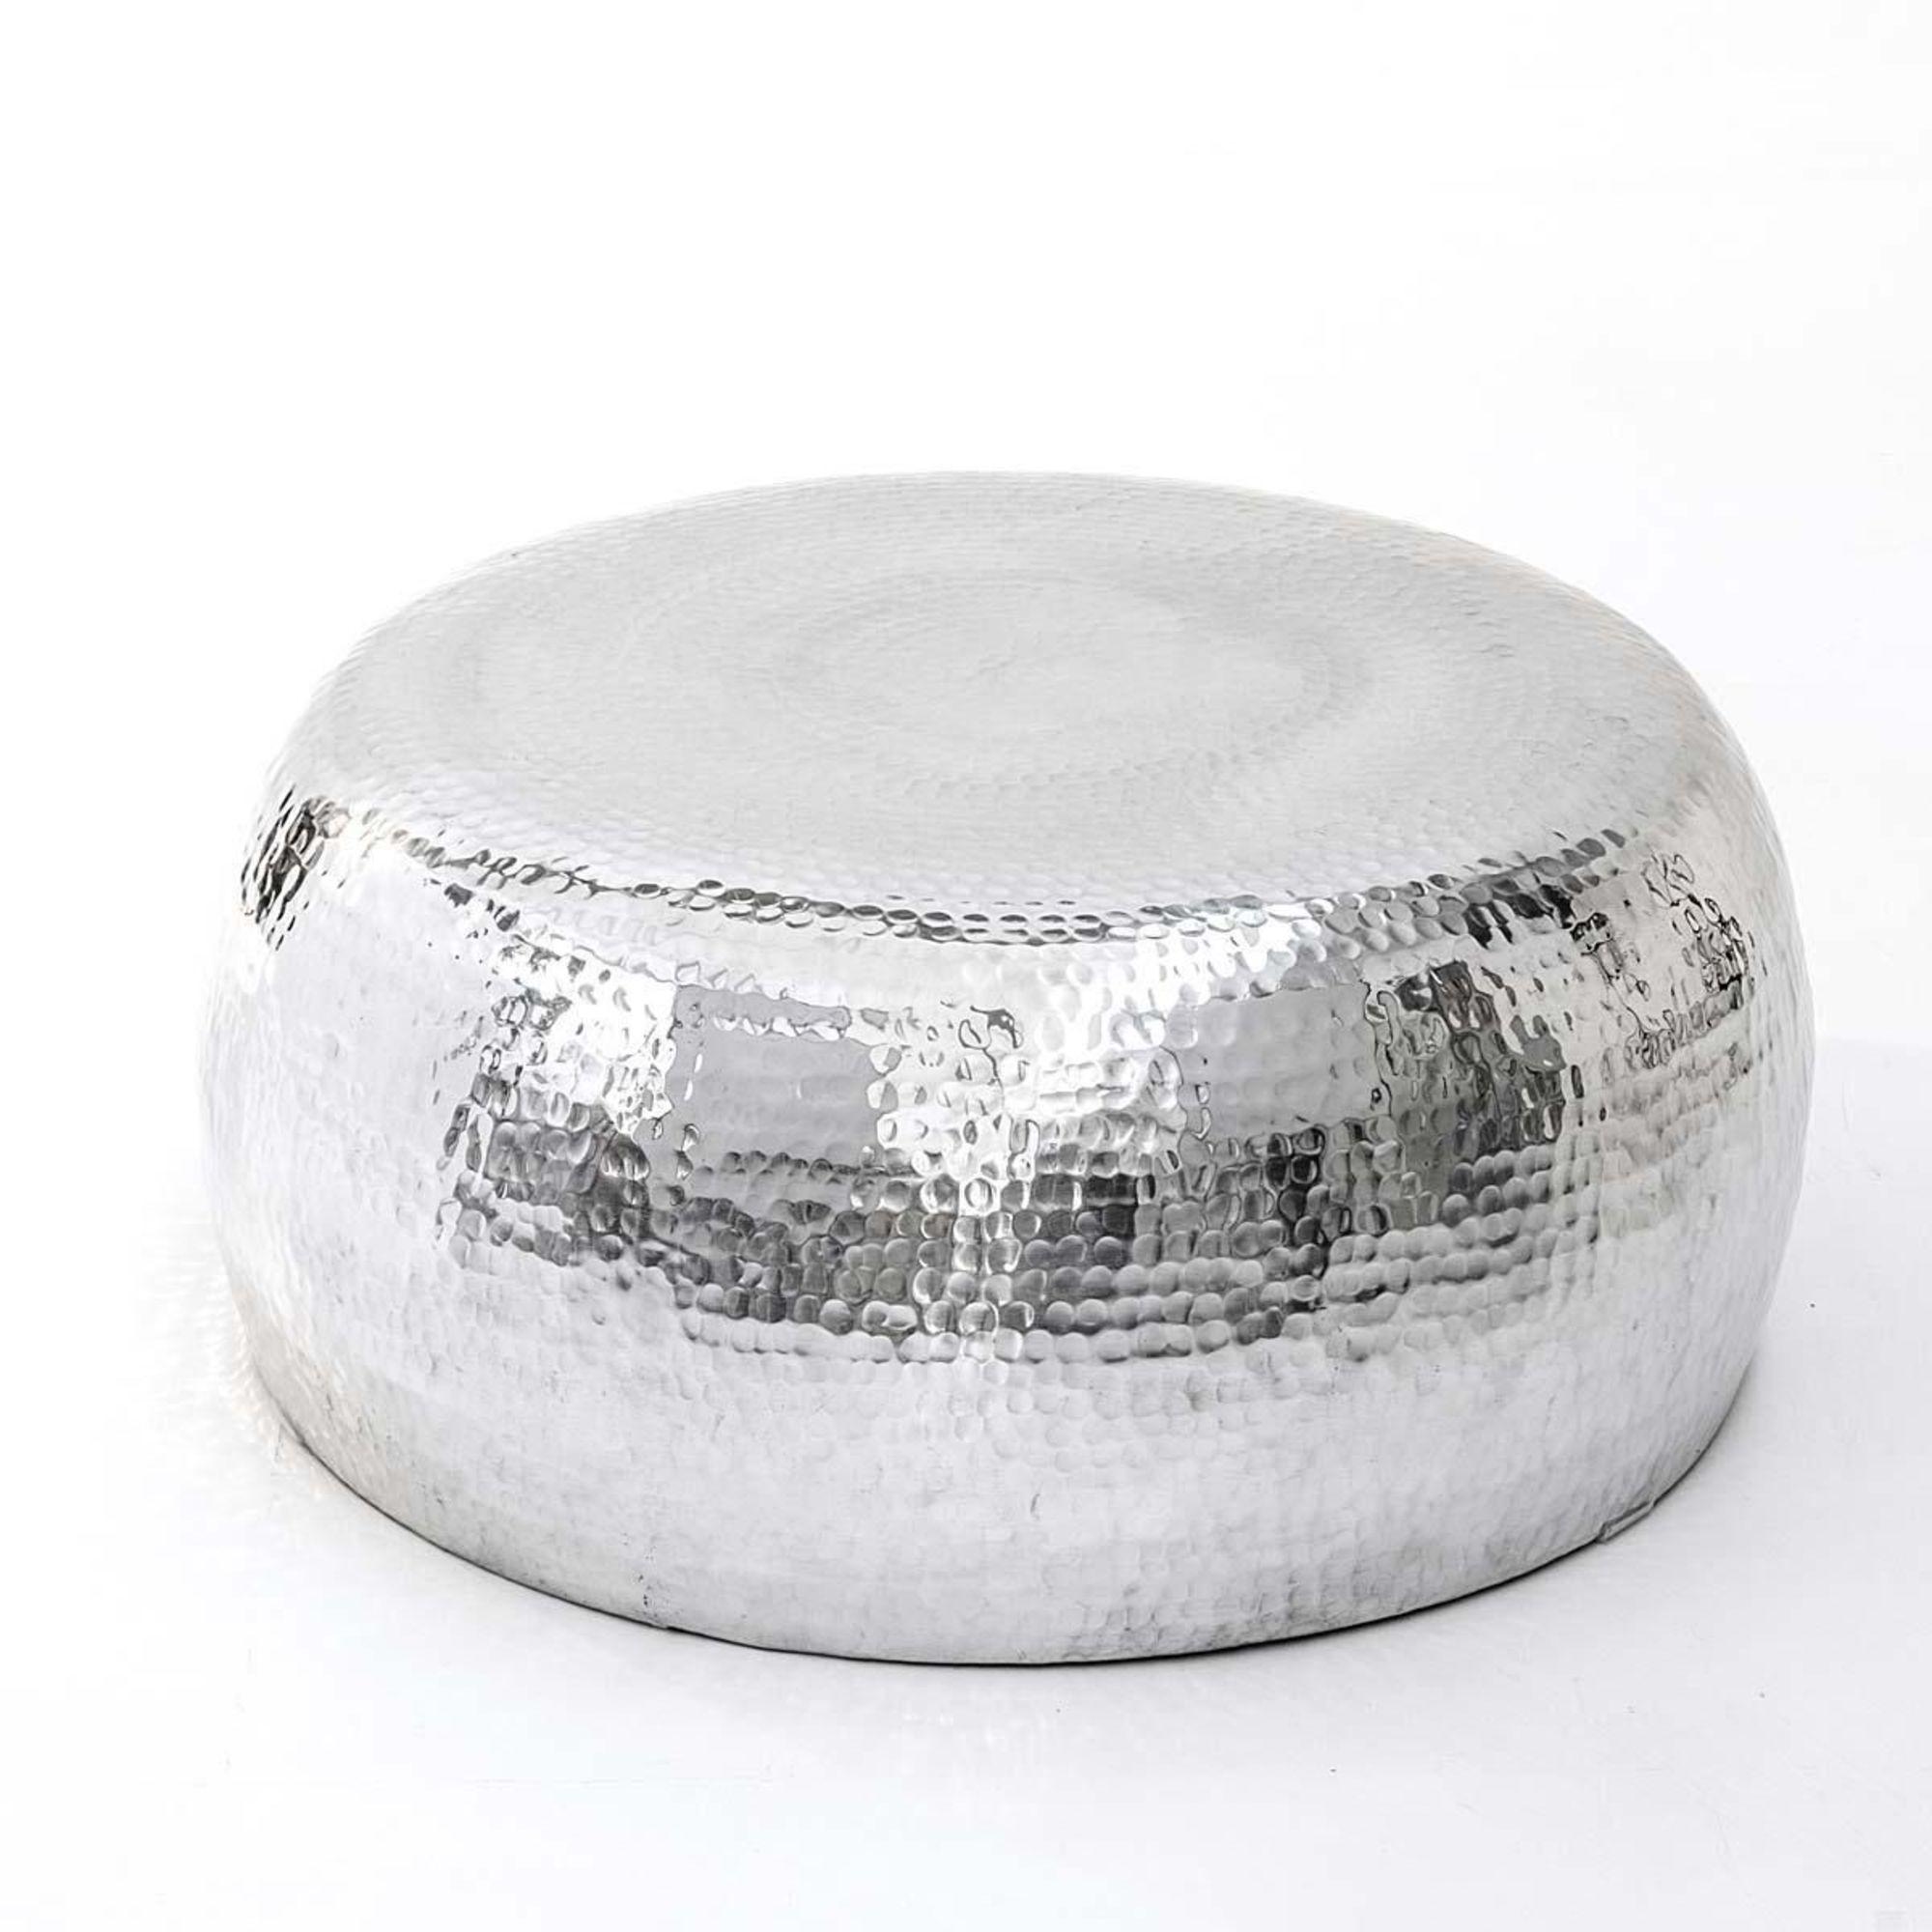 Couchtisch steel aus alu silber metall modern for Wohnzimmertisch silber